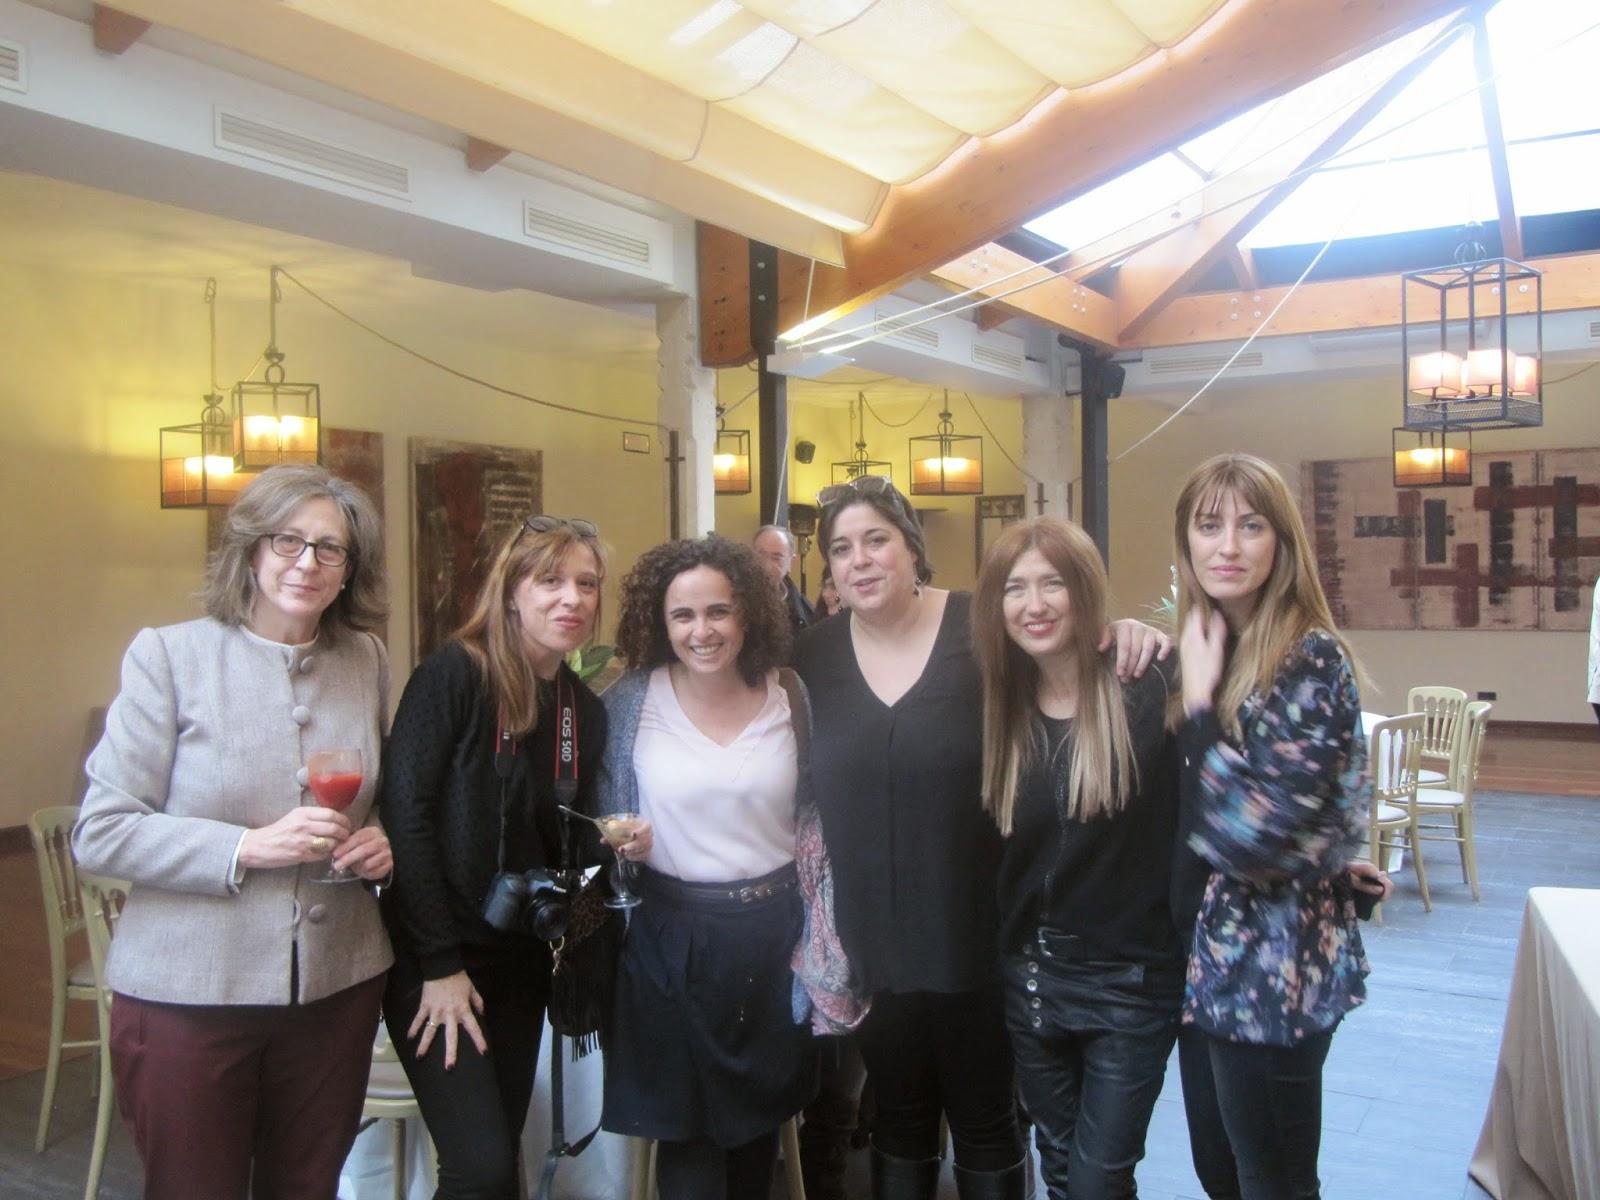 Grupo Ondarreta, Presentación Cortometraje, No podía esperarme más, Gourmet, Food, Evento, Donde Comer de Lujo